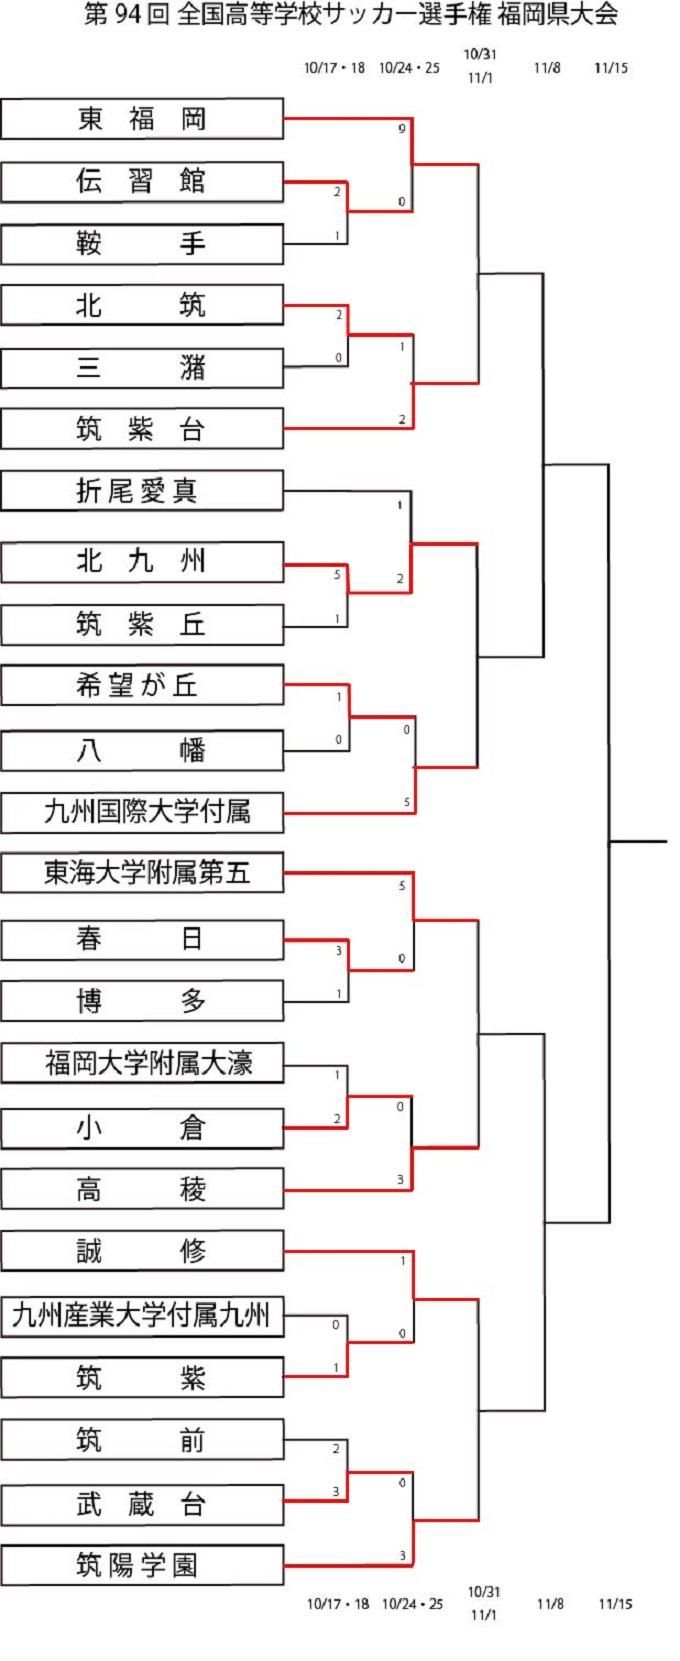 fukuoka_1024